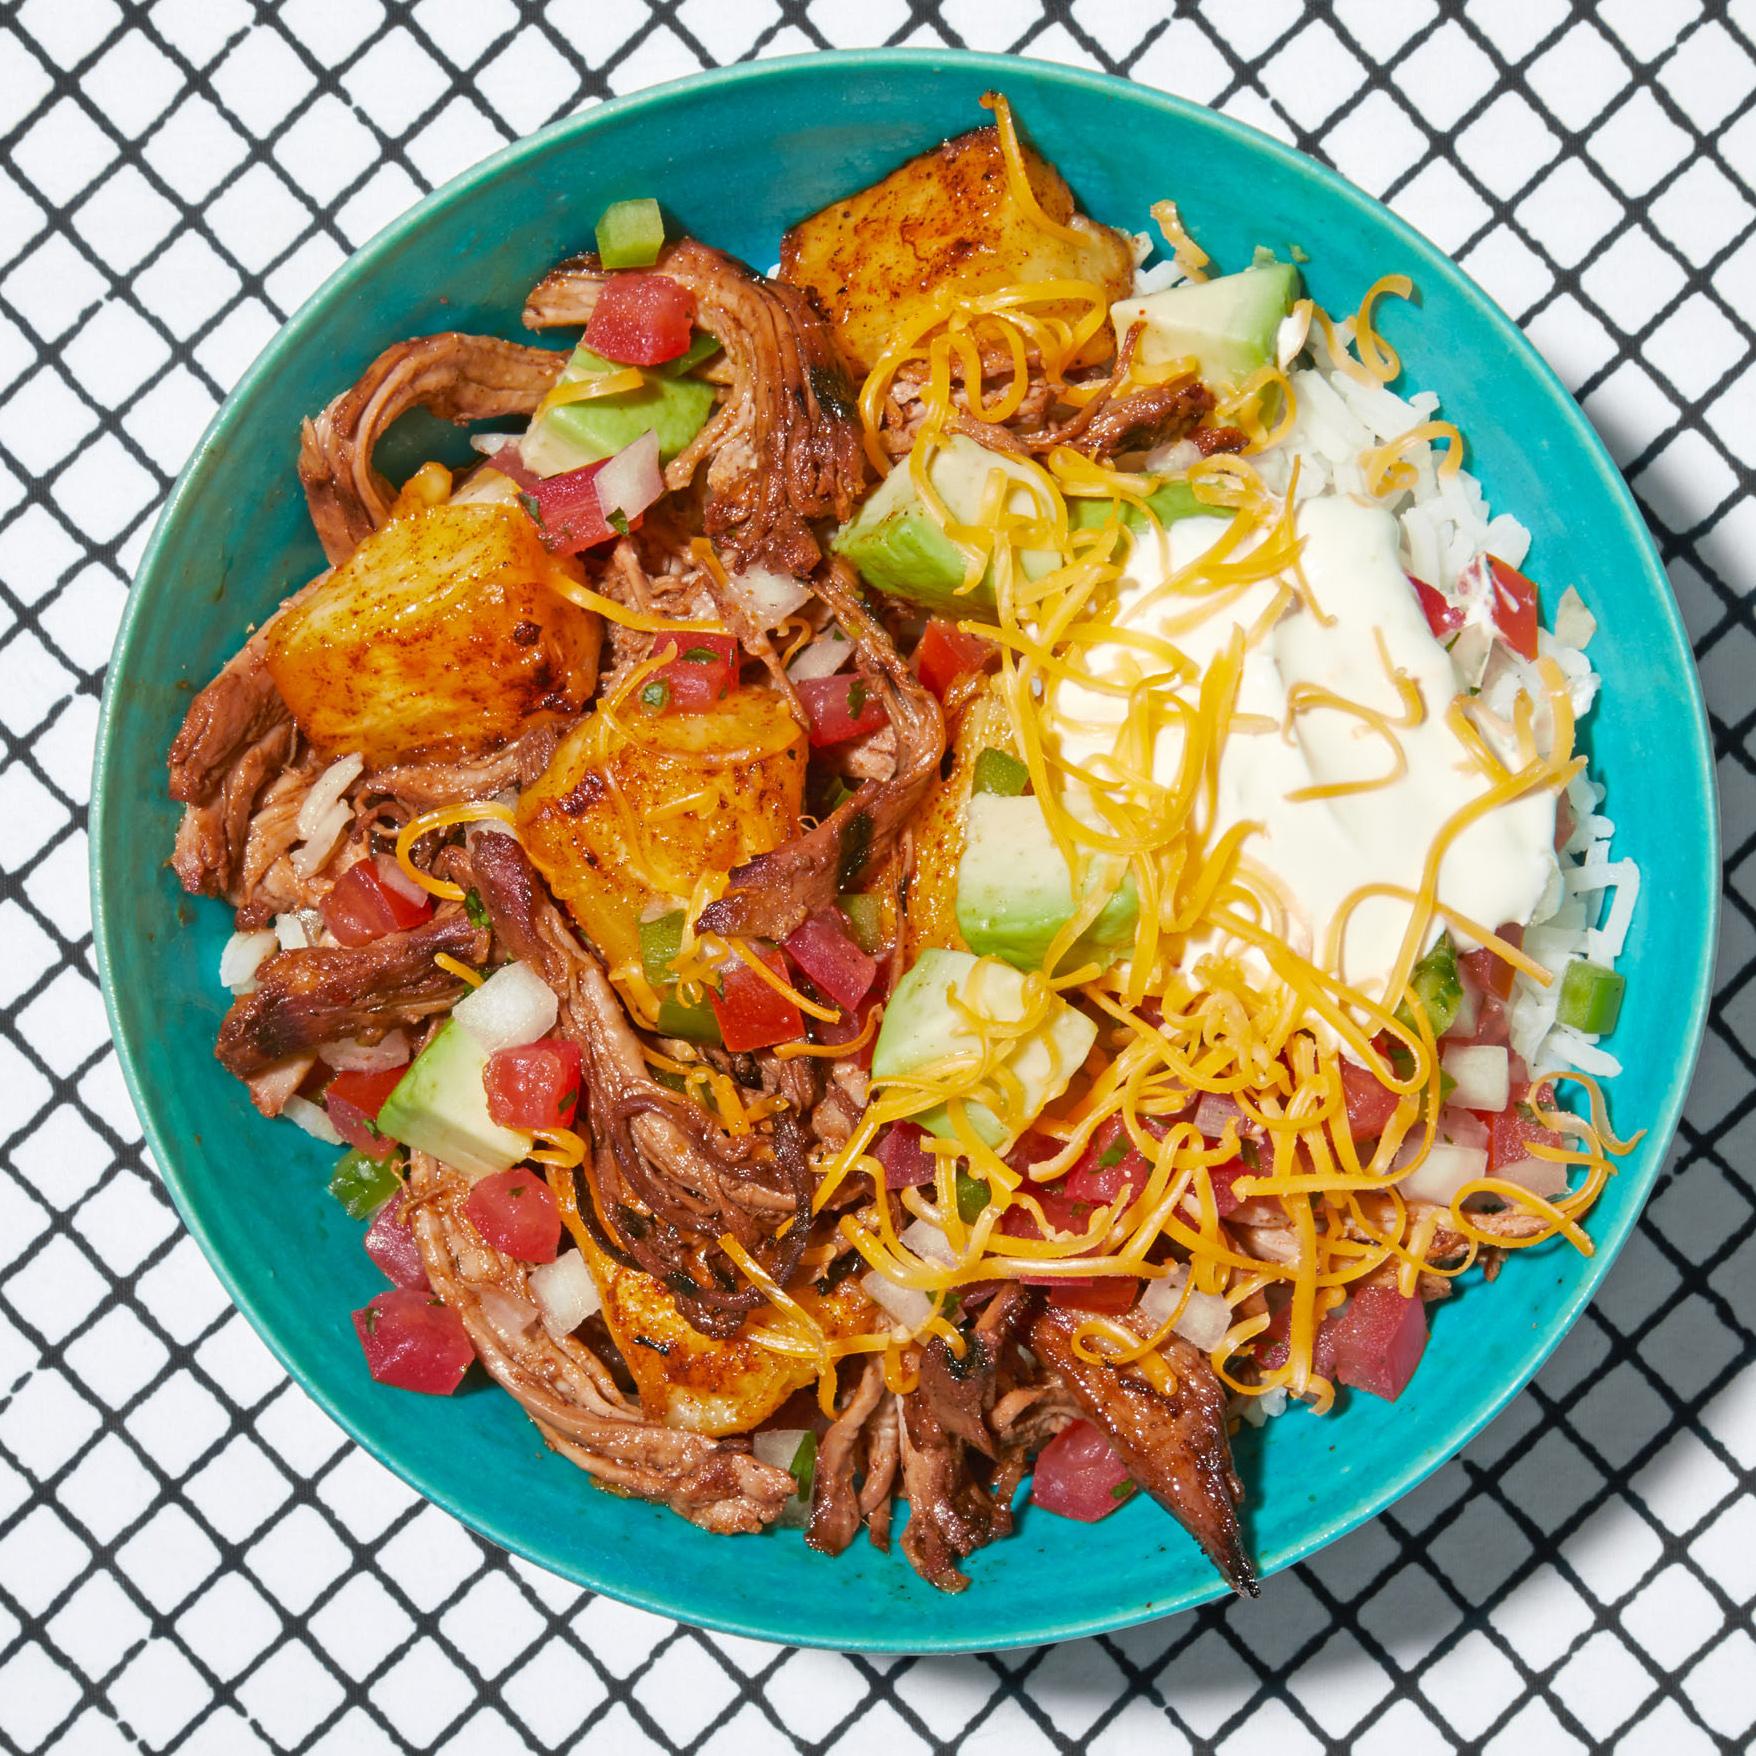 al pastor burrito bowl